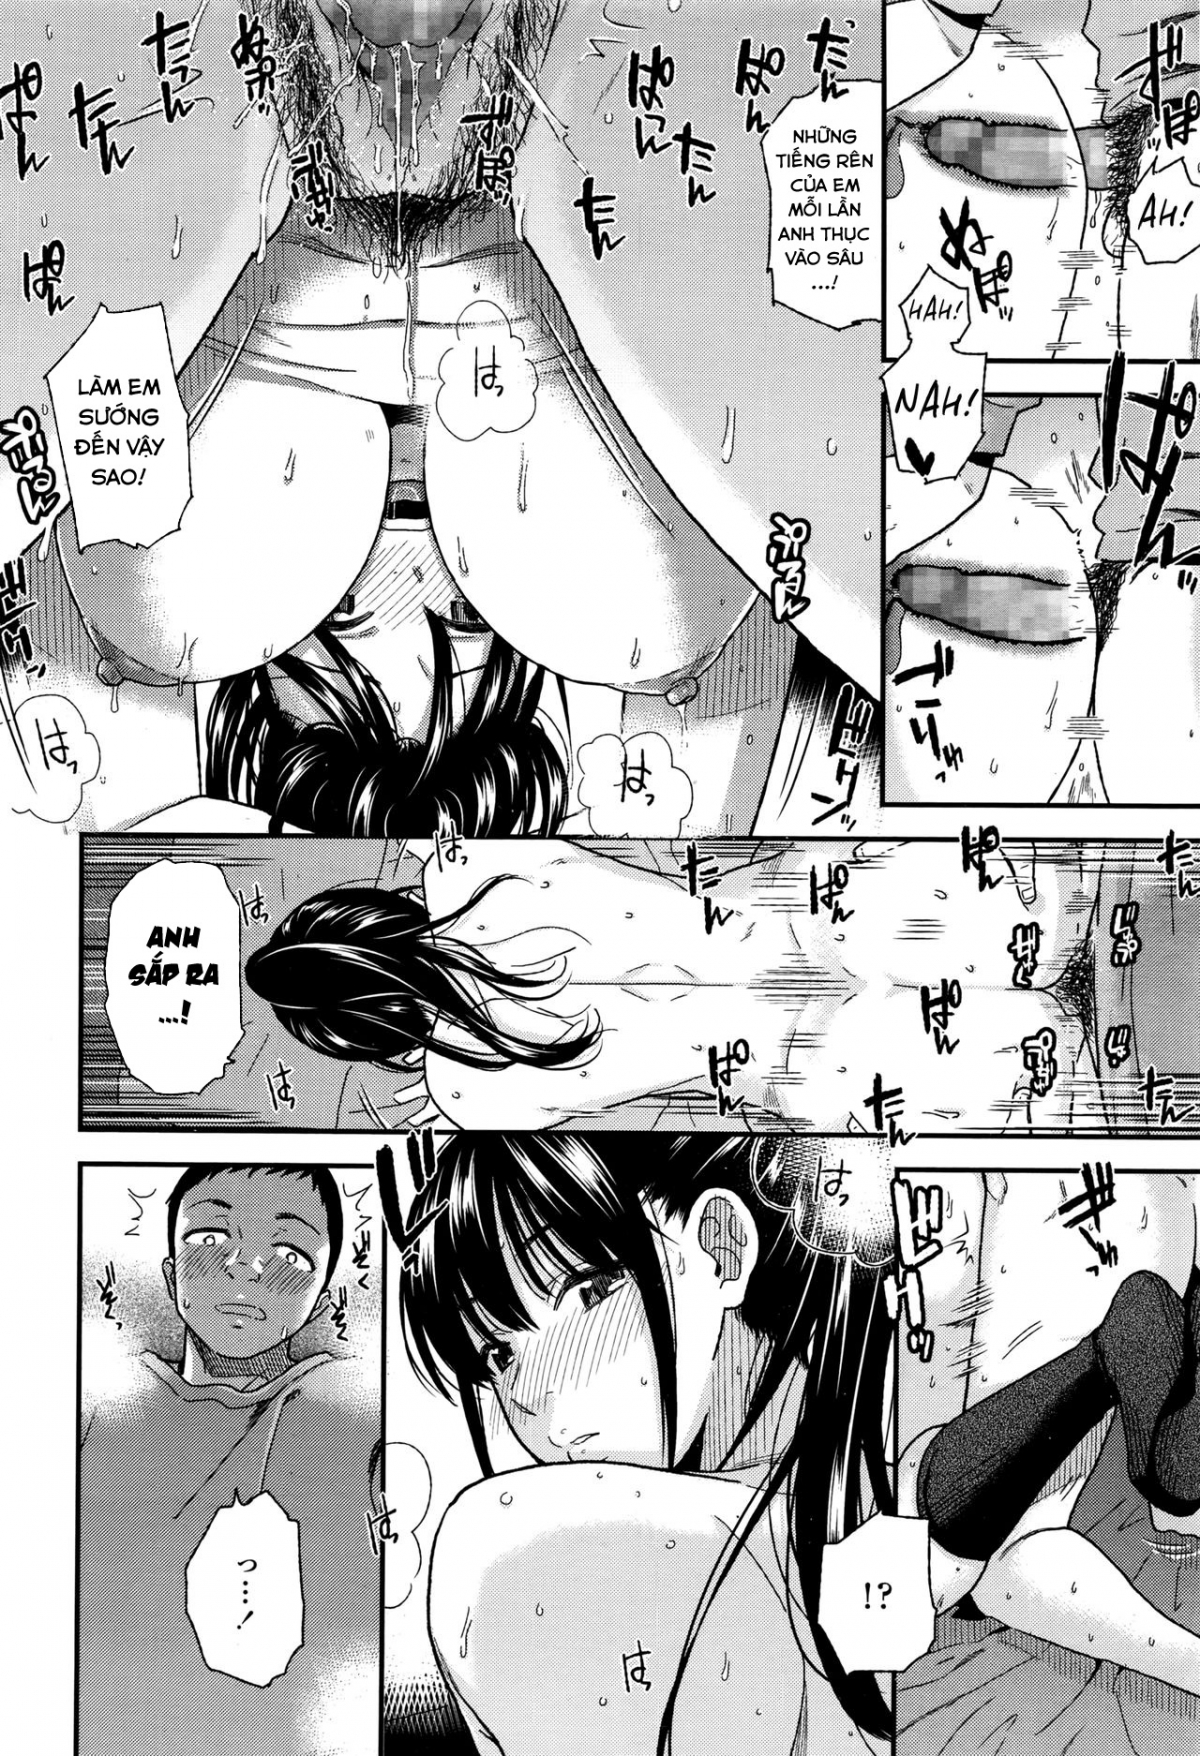 Hình ảnh  in Truyện Sex Hentai Vạch Ngang giữa Mất Trinh Và Còn Trinh